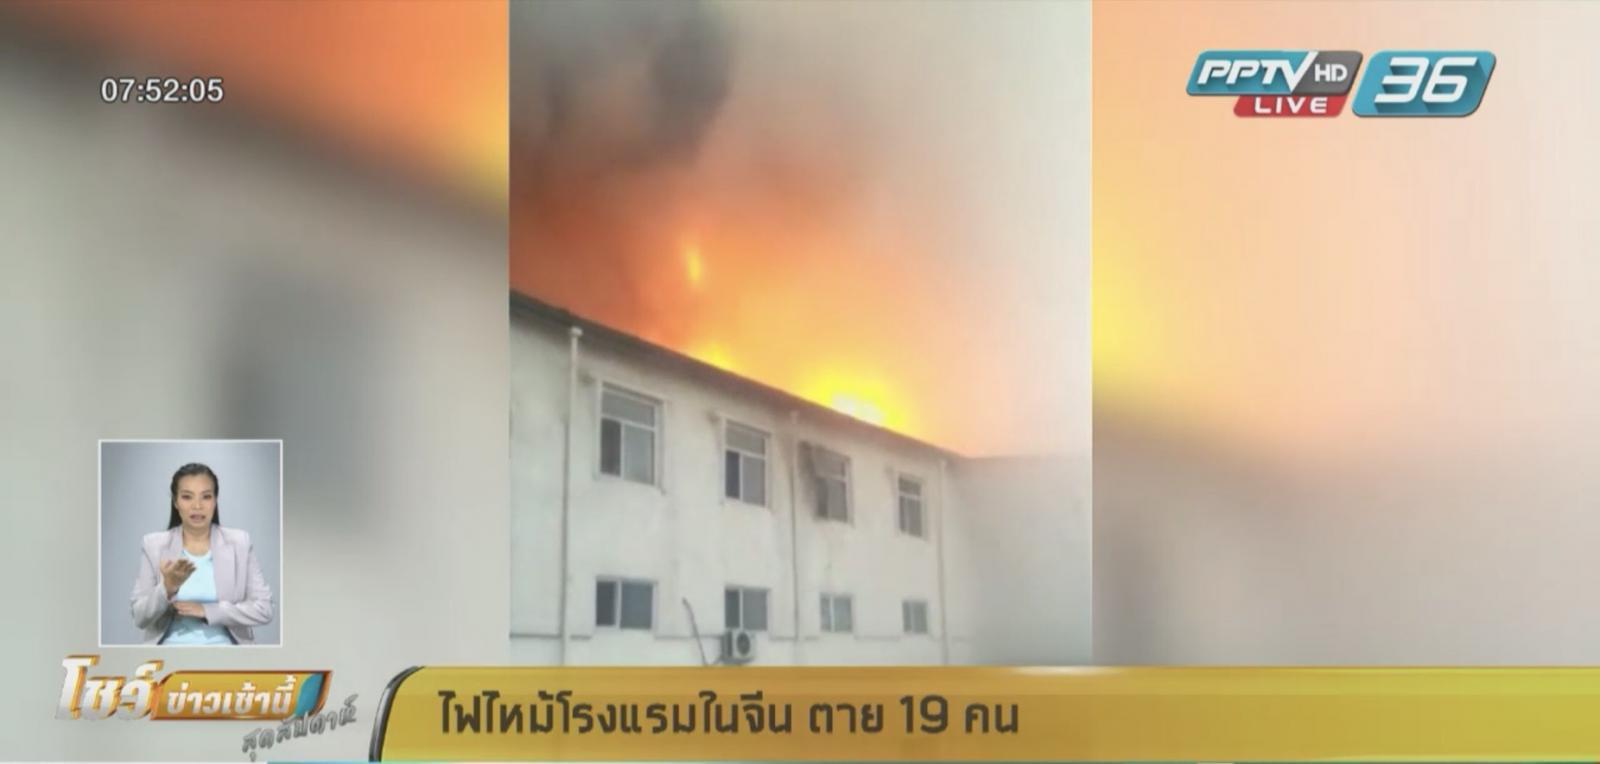 ไฟไหม้โรงแรมในจีน ตาย 19 คน